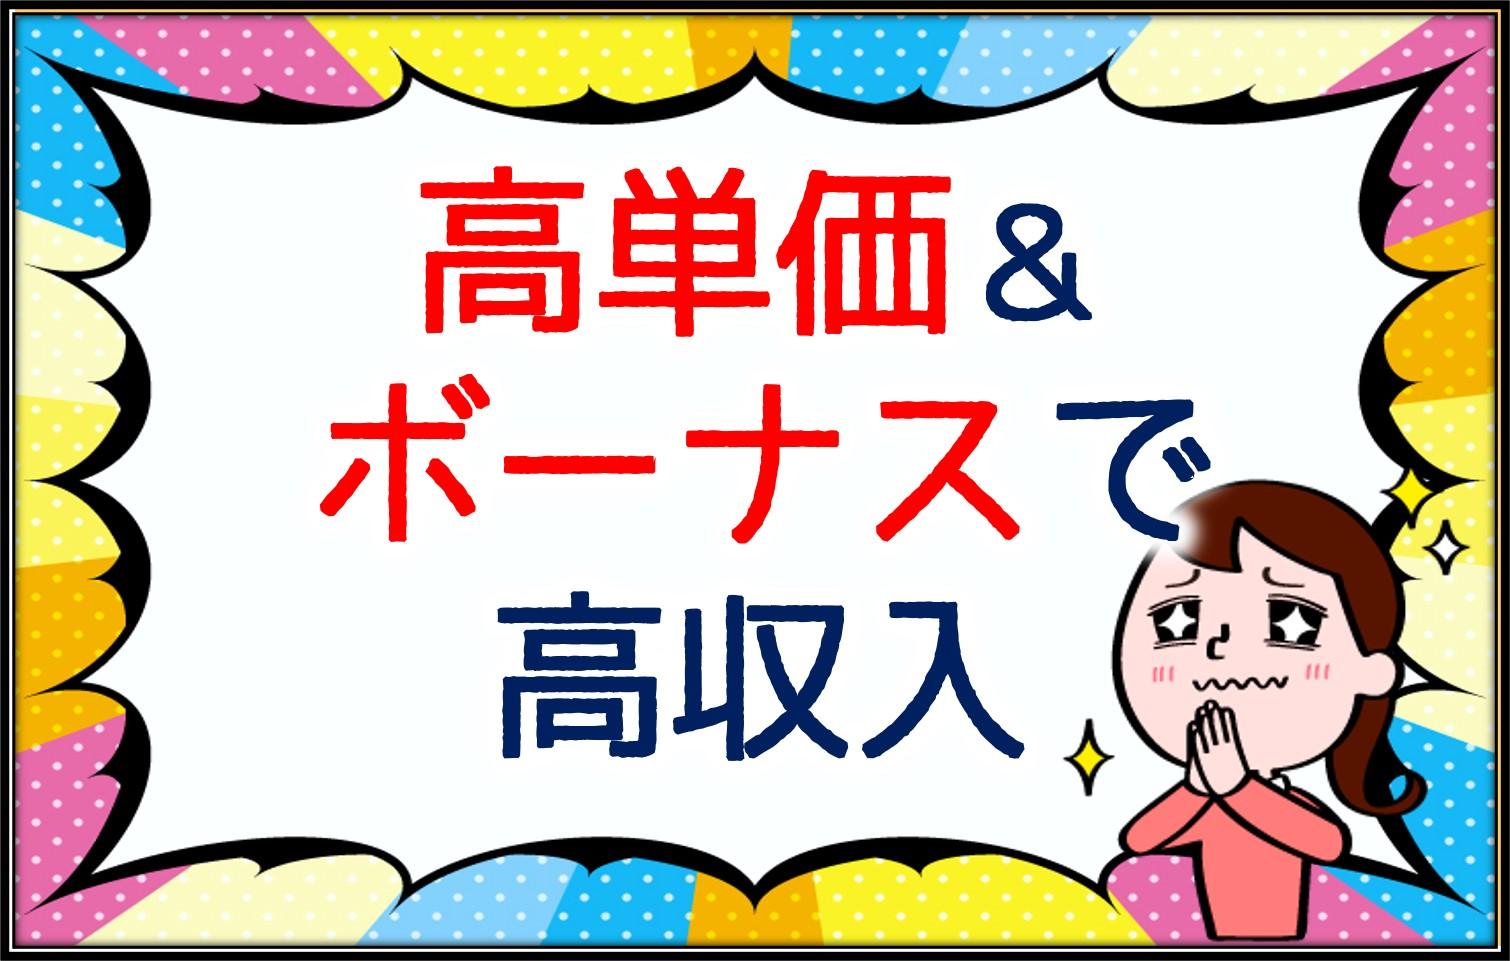 プリマの単価・ボーナスを公開!【報酬1.5倍!?】